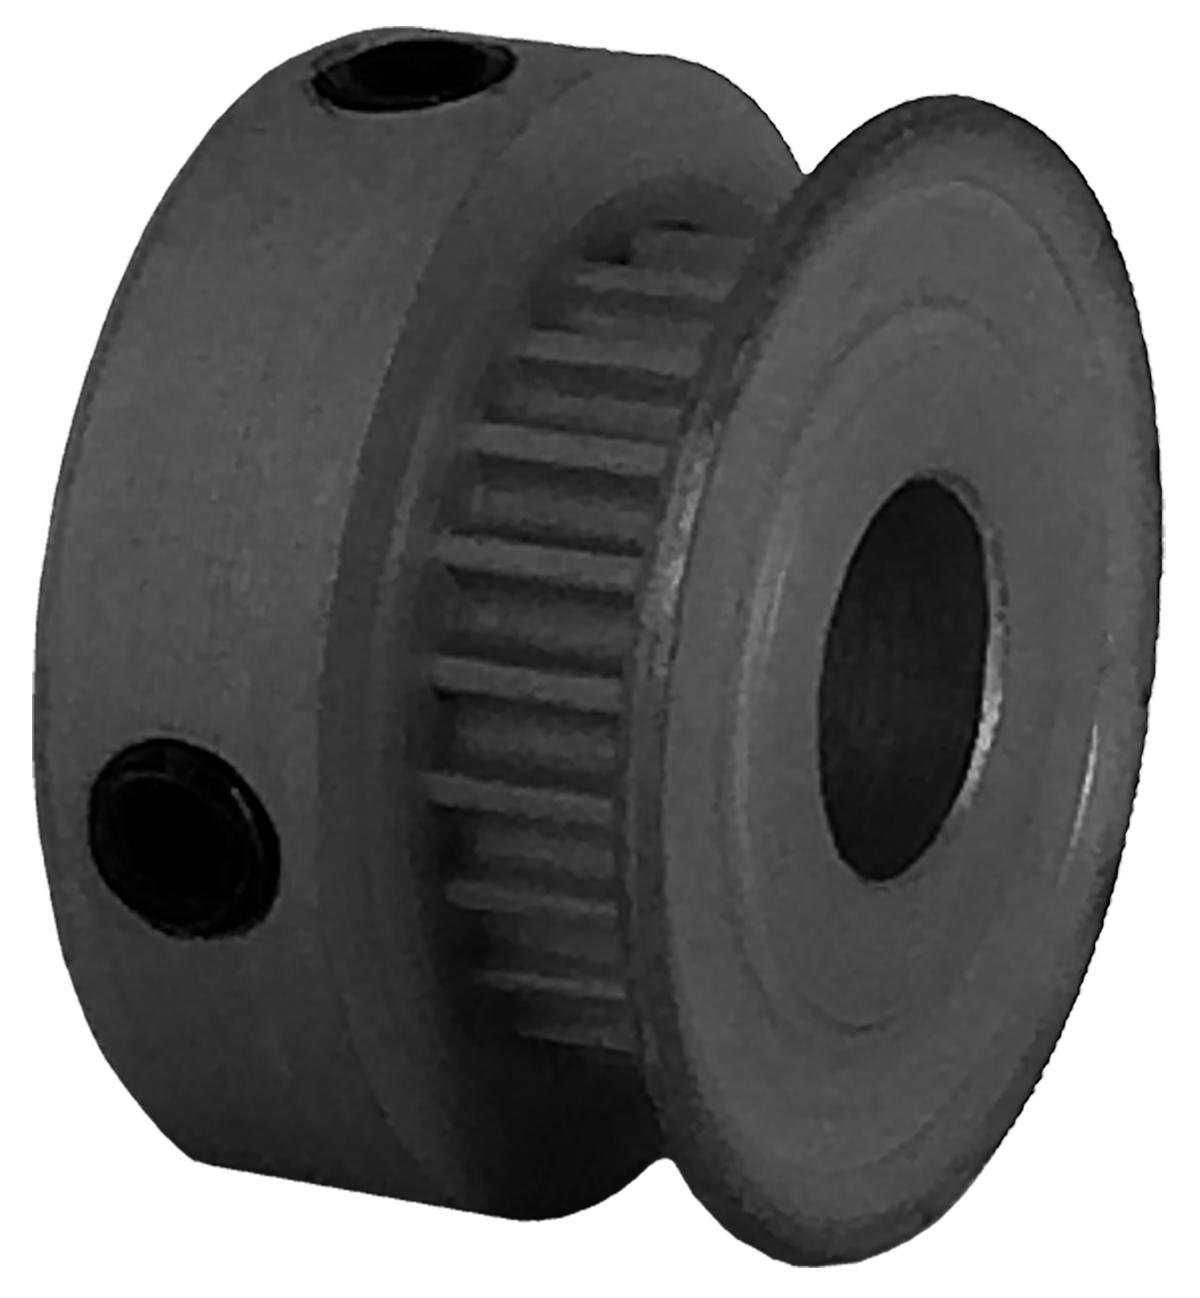 22-2P03-6CA3 - Aluminum Powerhouse® Pulleys